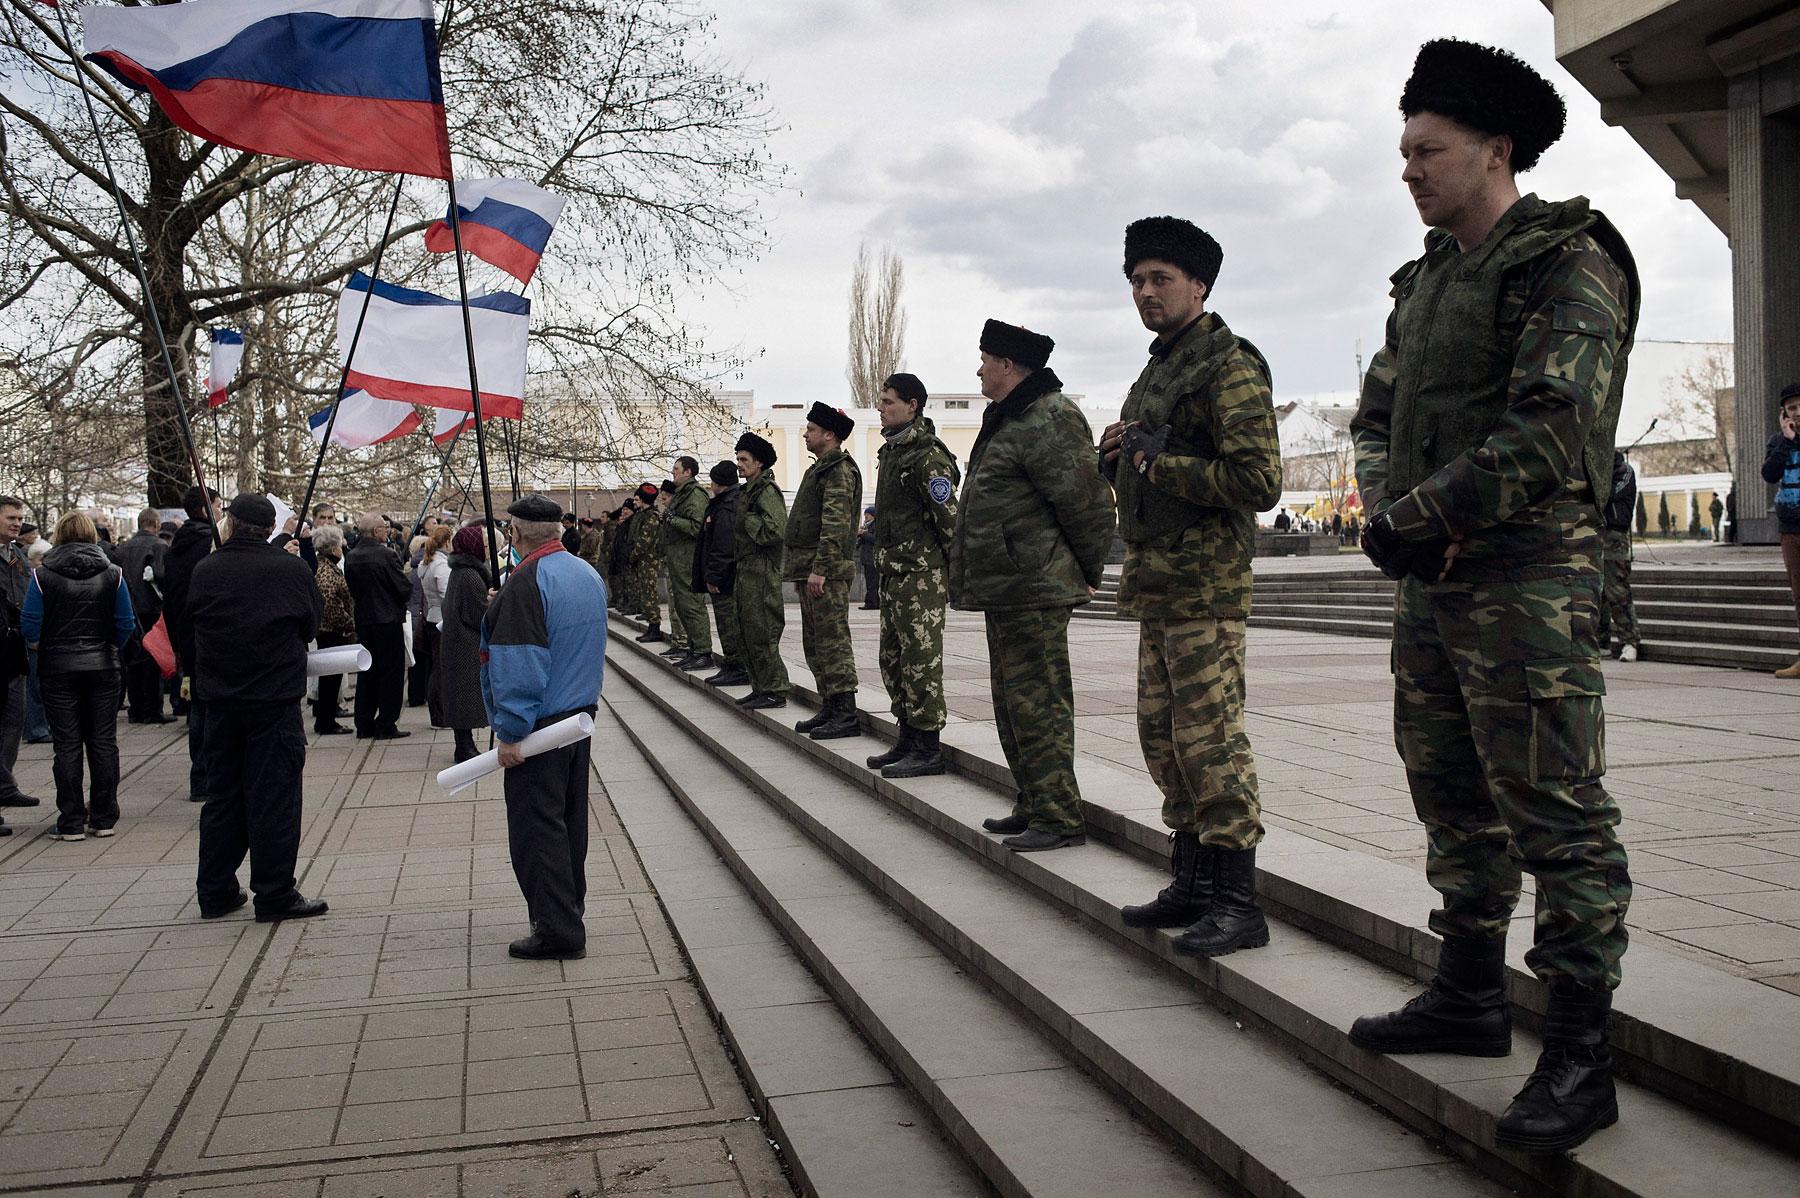 Cossacks guard the local parliament building in Crimea's capital Simferopol, March 6, 2014.